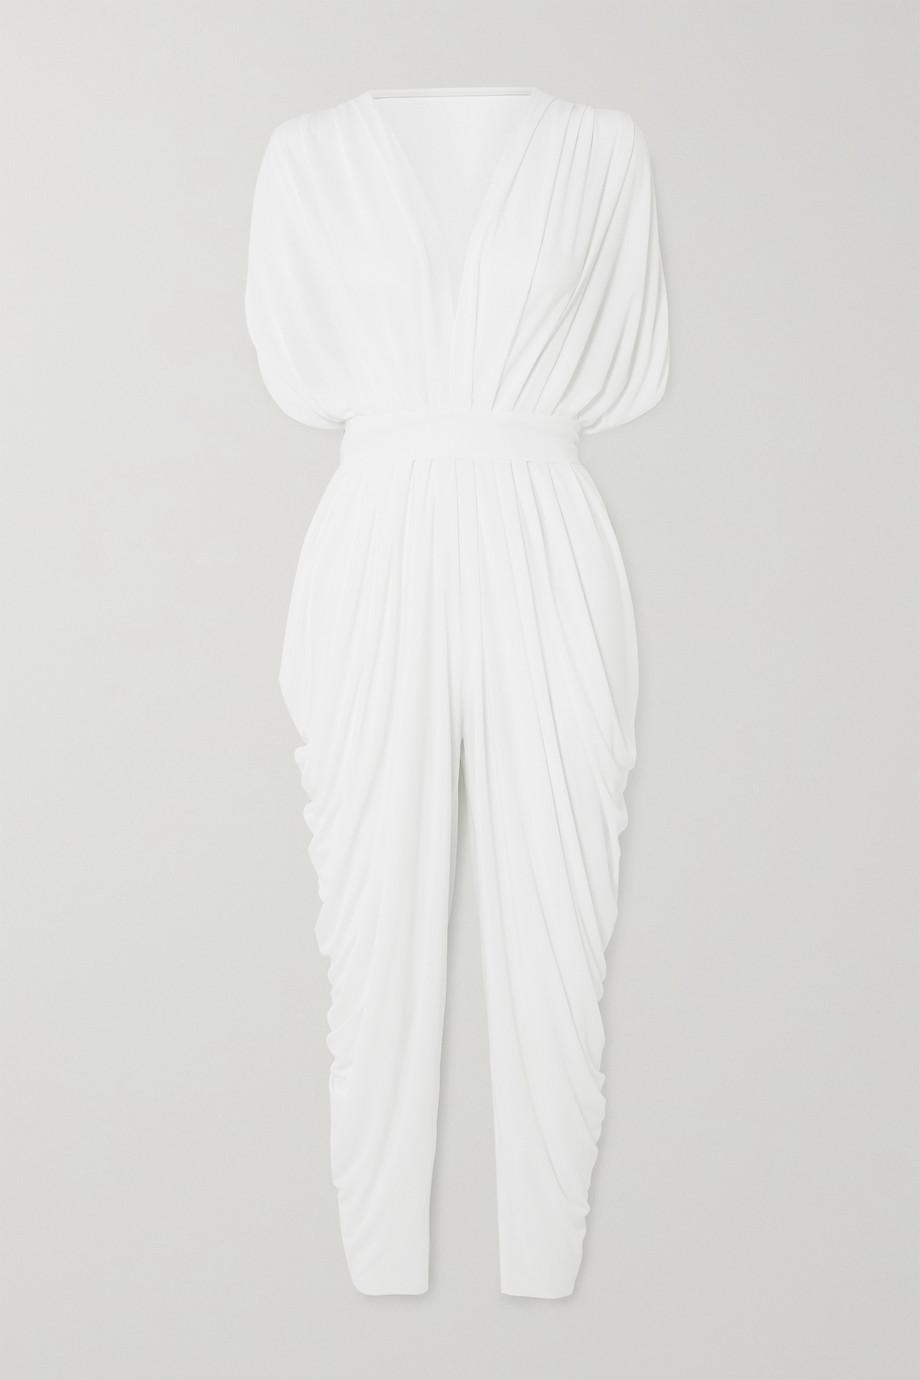 Norma Kamali Waterfall draped crepe jumpsuit